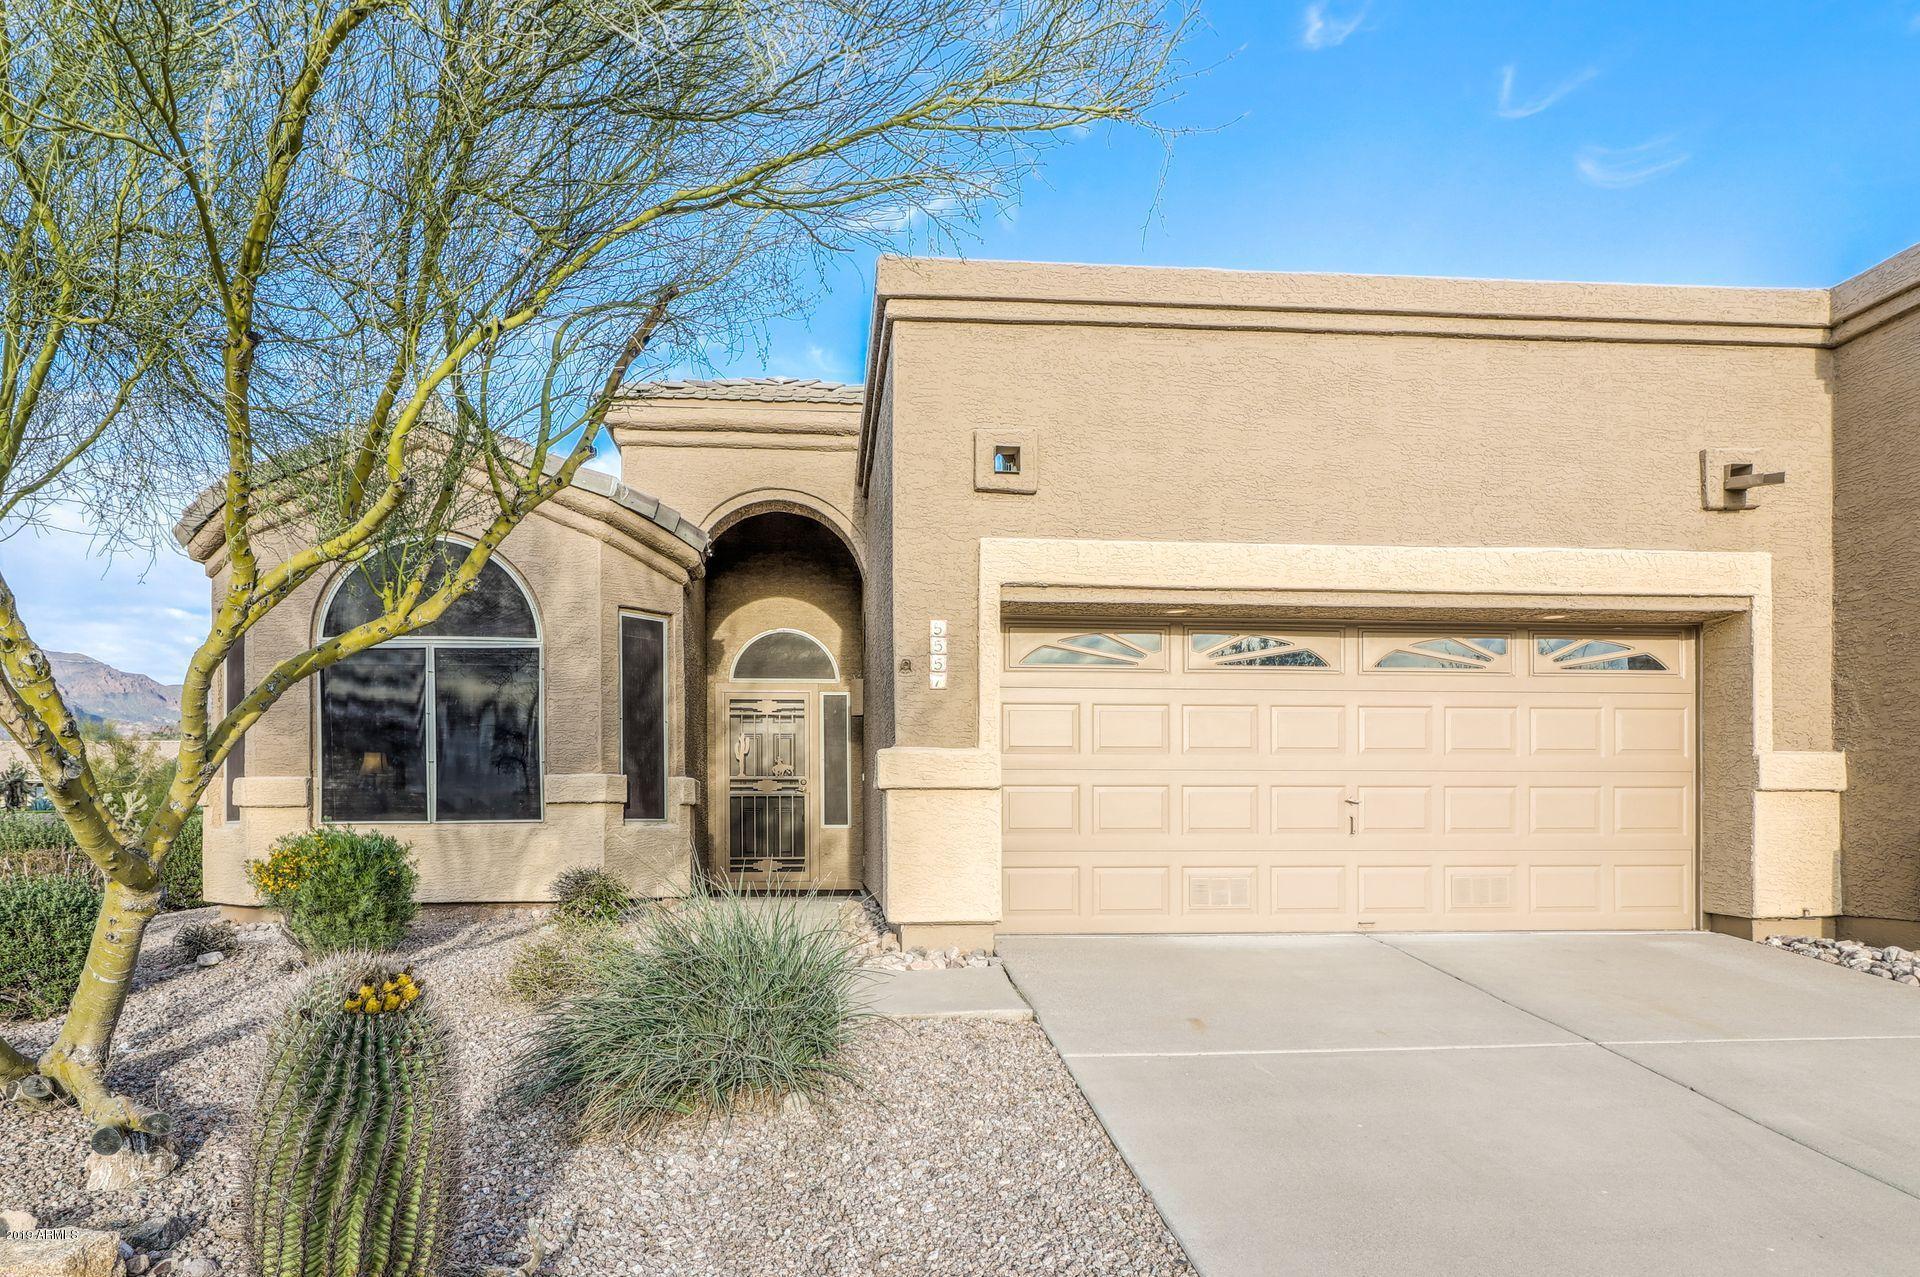 MLS 5894025 5557 S PINNACLE Drive, Gold Canyon, AZ 85118 Gold Canyon AZ Mountainbrook Village